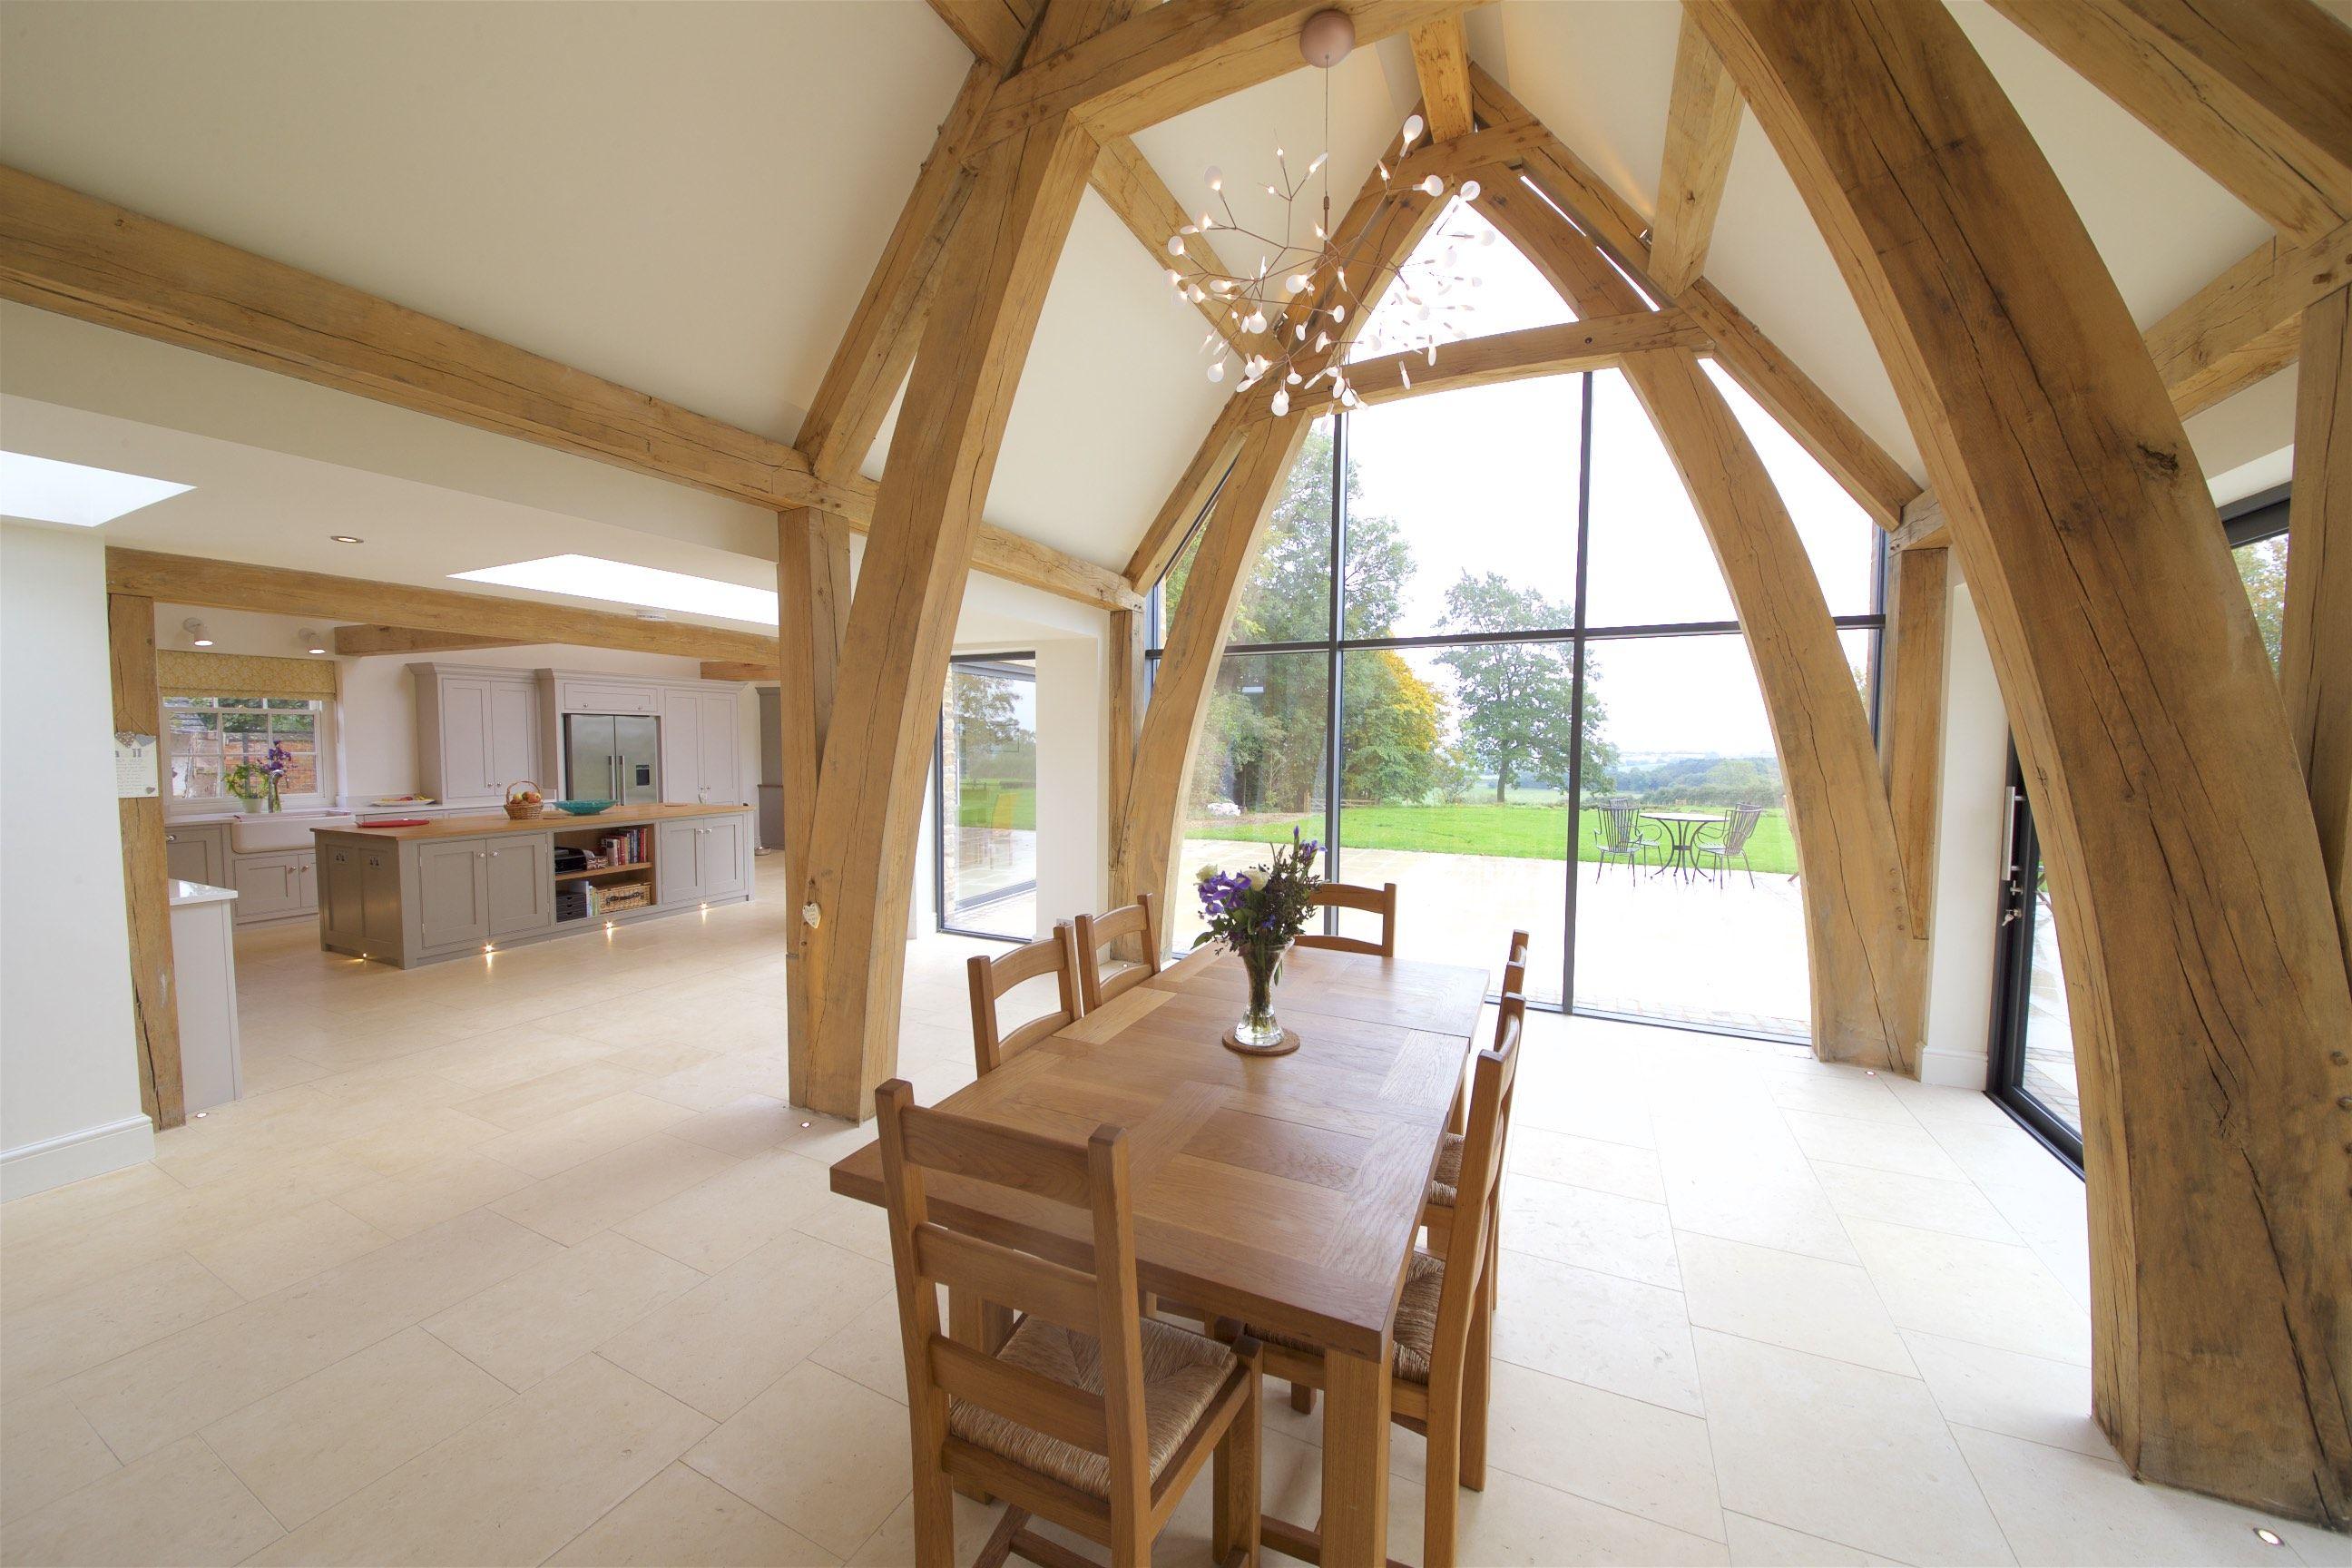 Homes Gallery2 - Natural Structures | Creac Construcción | Pinterest ...